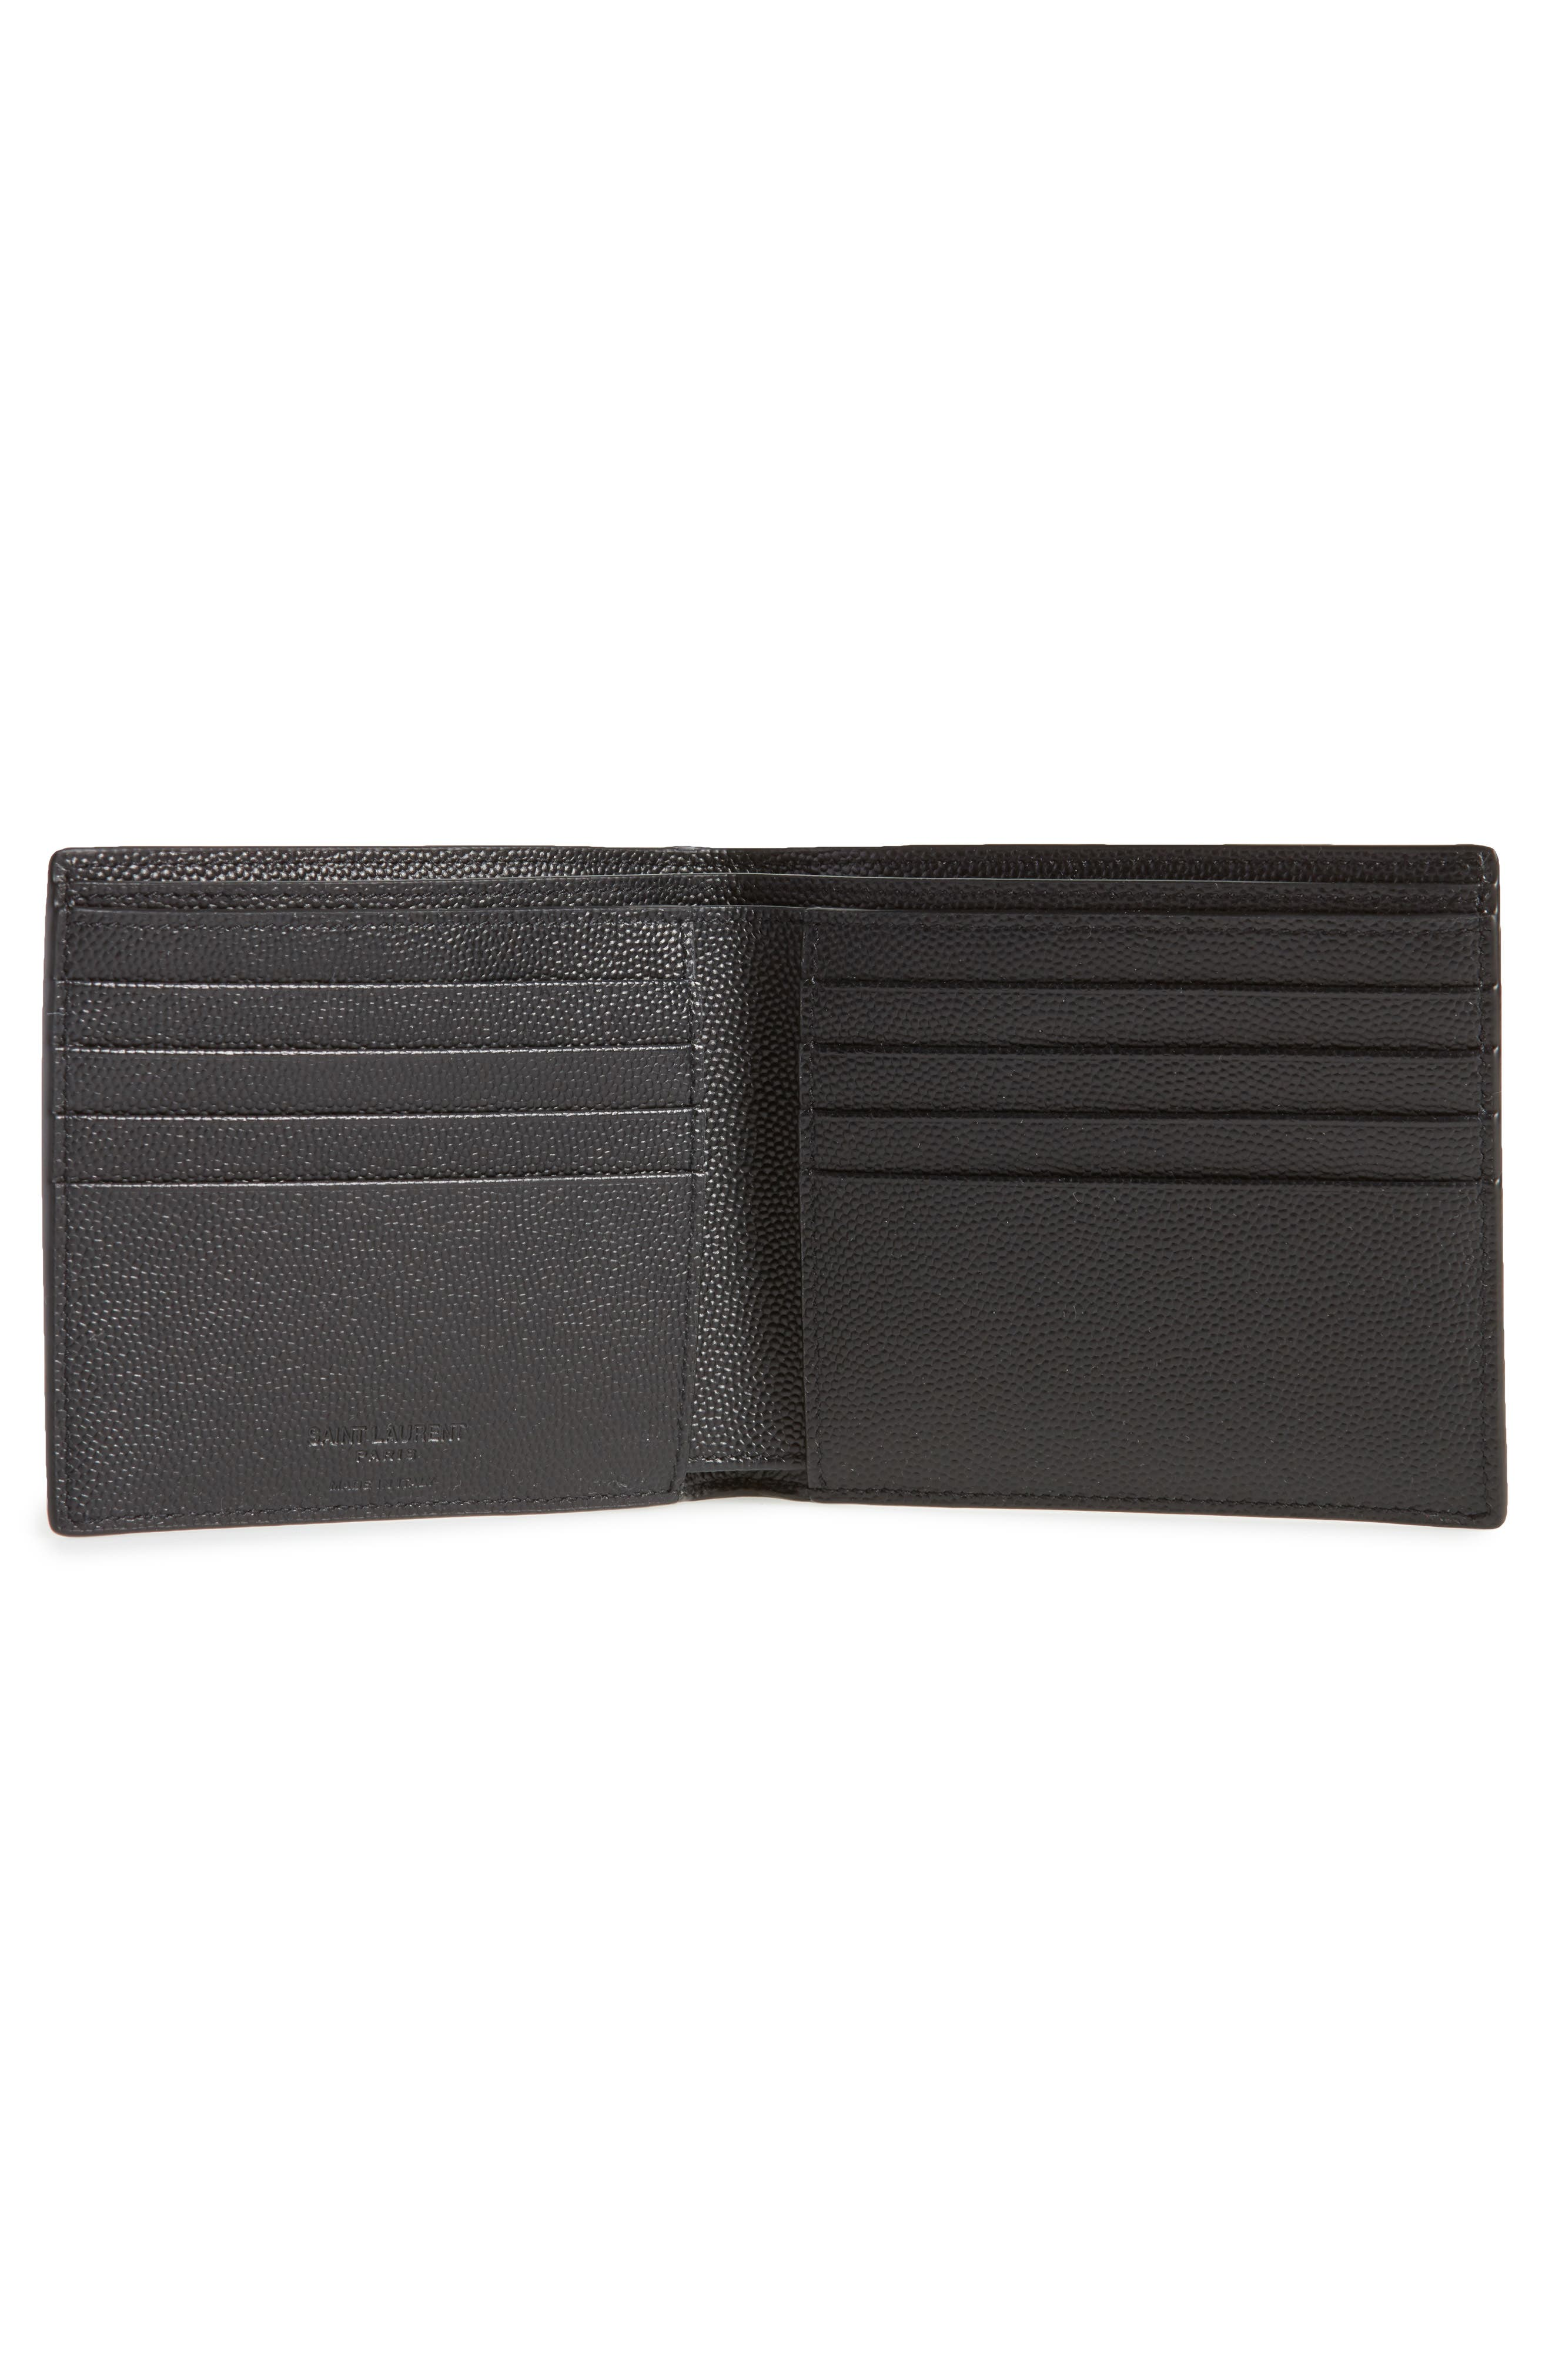 Alternate Image 2  - Saint Laurent Pebble Grain Leather Wallet